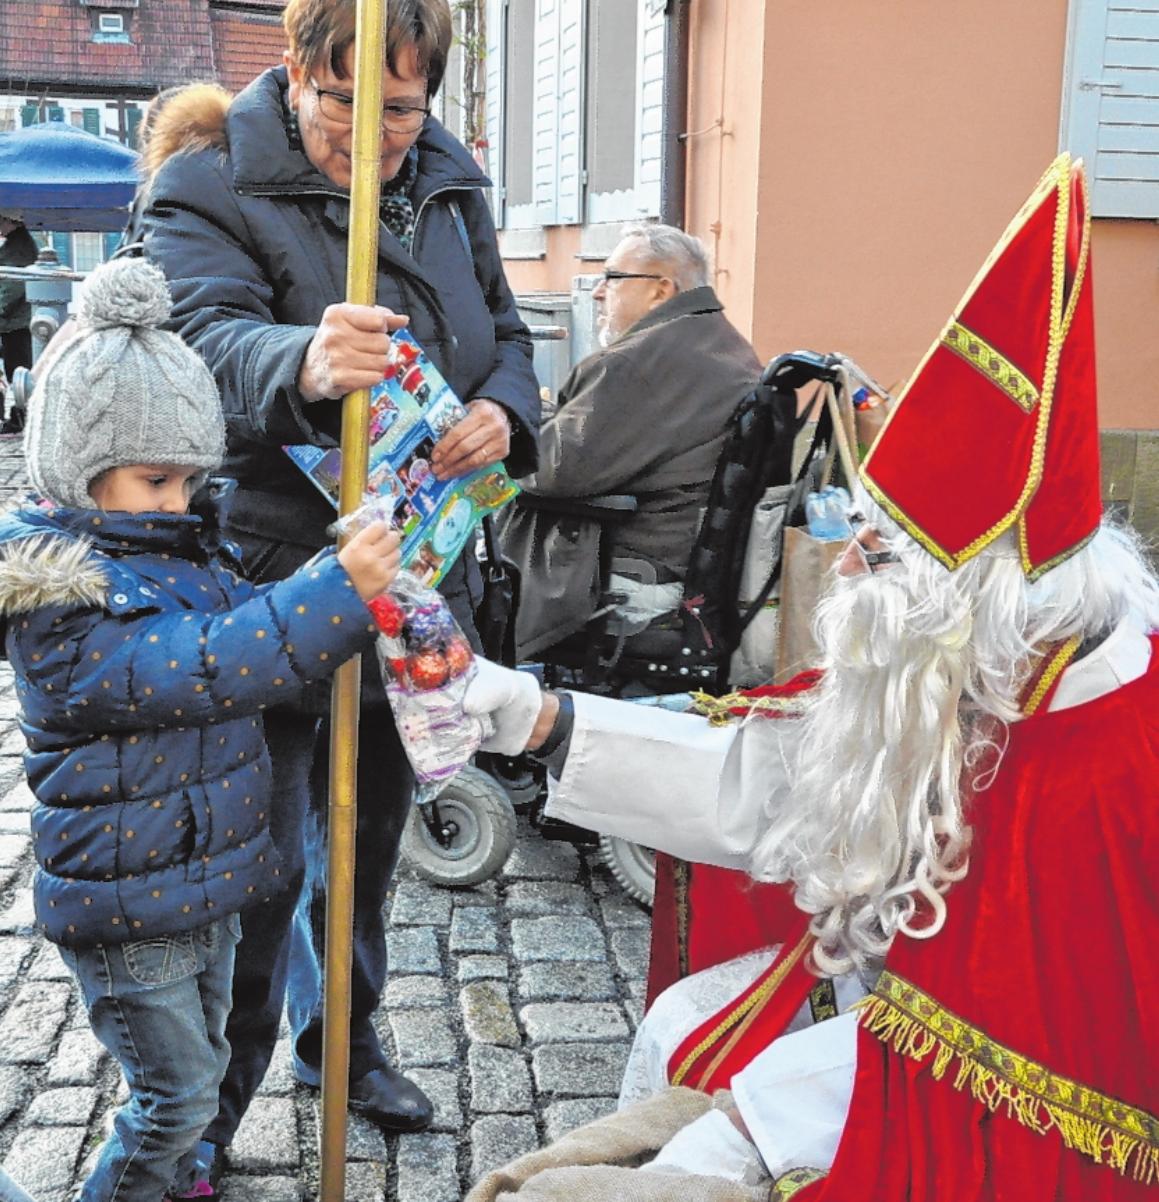 """Am vergangenen Freitag, dem sogenannten """"Glühweinfreitag"""", kam der Nikolaus in die Hofheimer Innenstadt und beschenkte die Kinder. FOTO: MARTIN SCHWEIGER"""